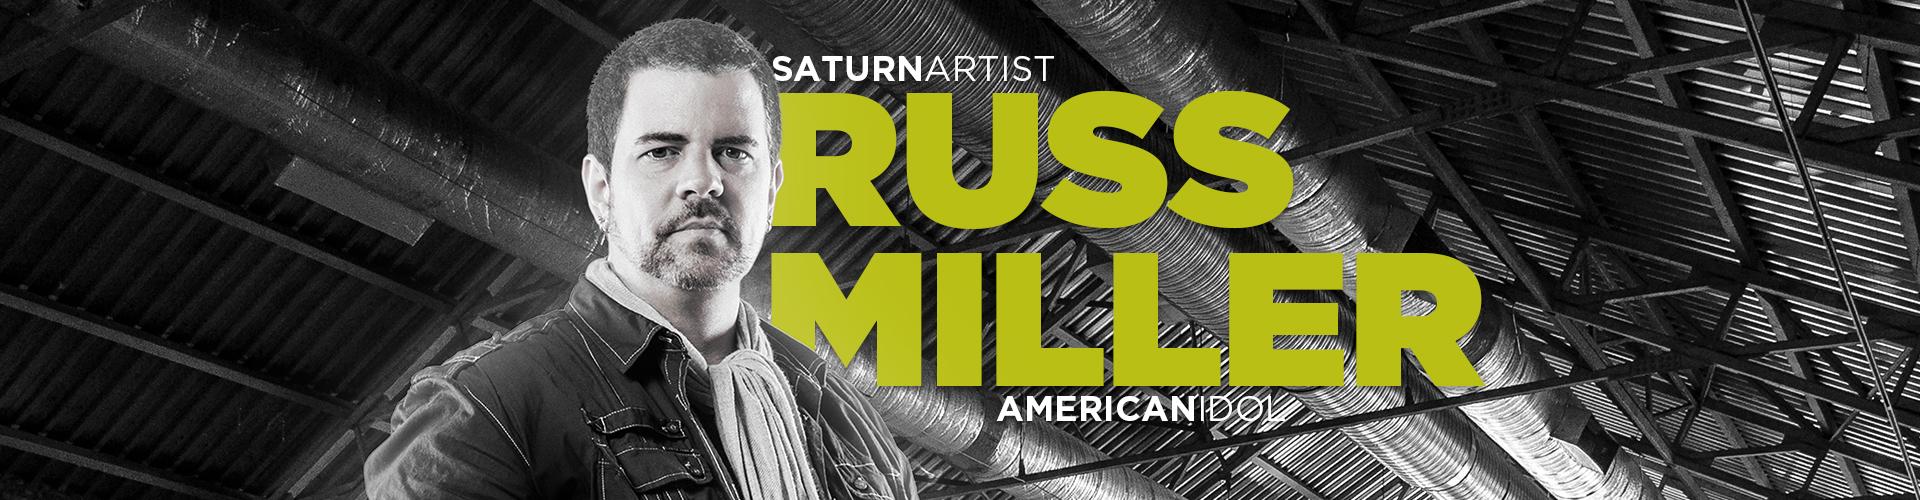 Russ Miller Saturn Artist